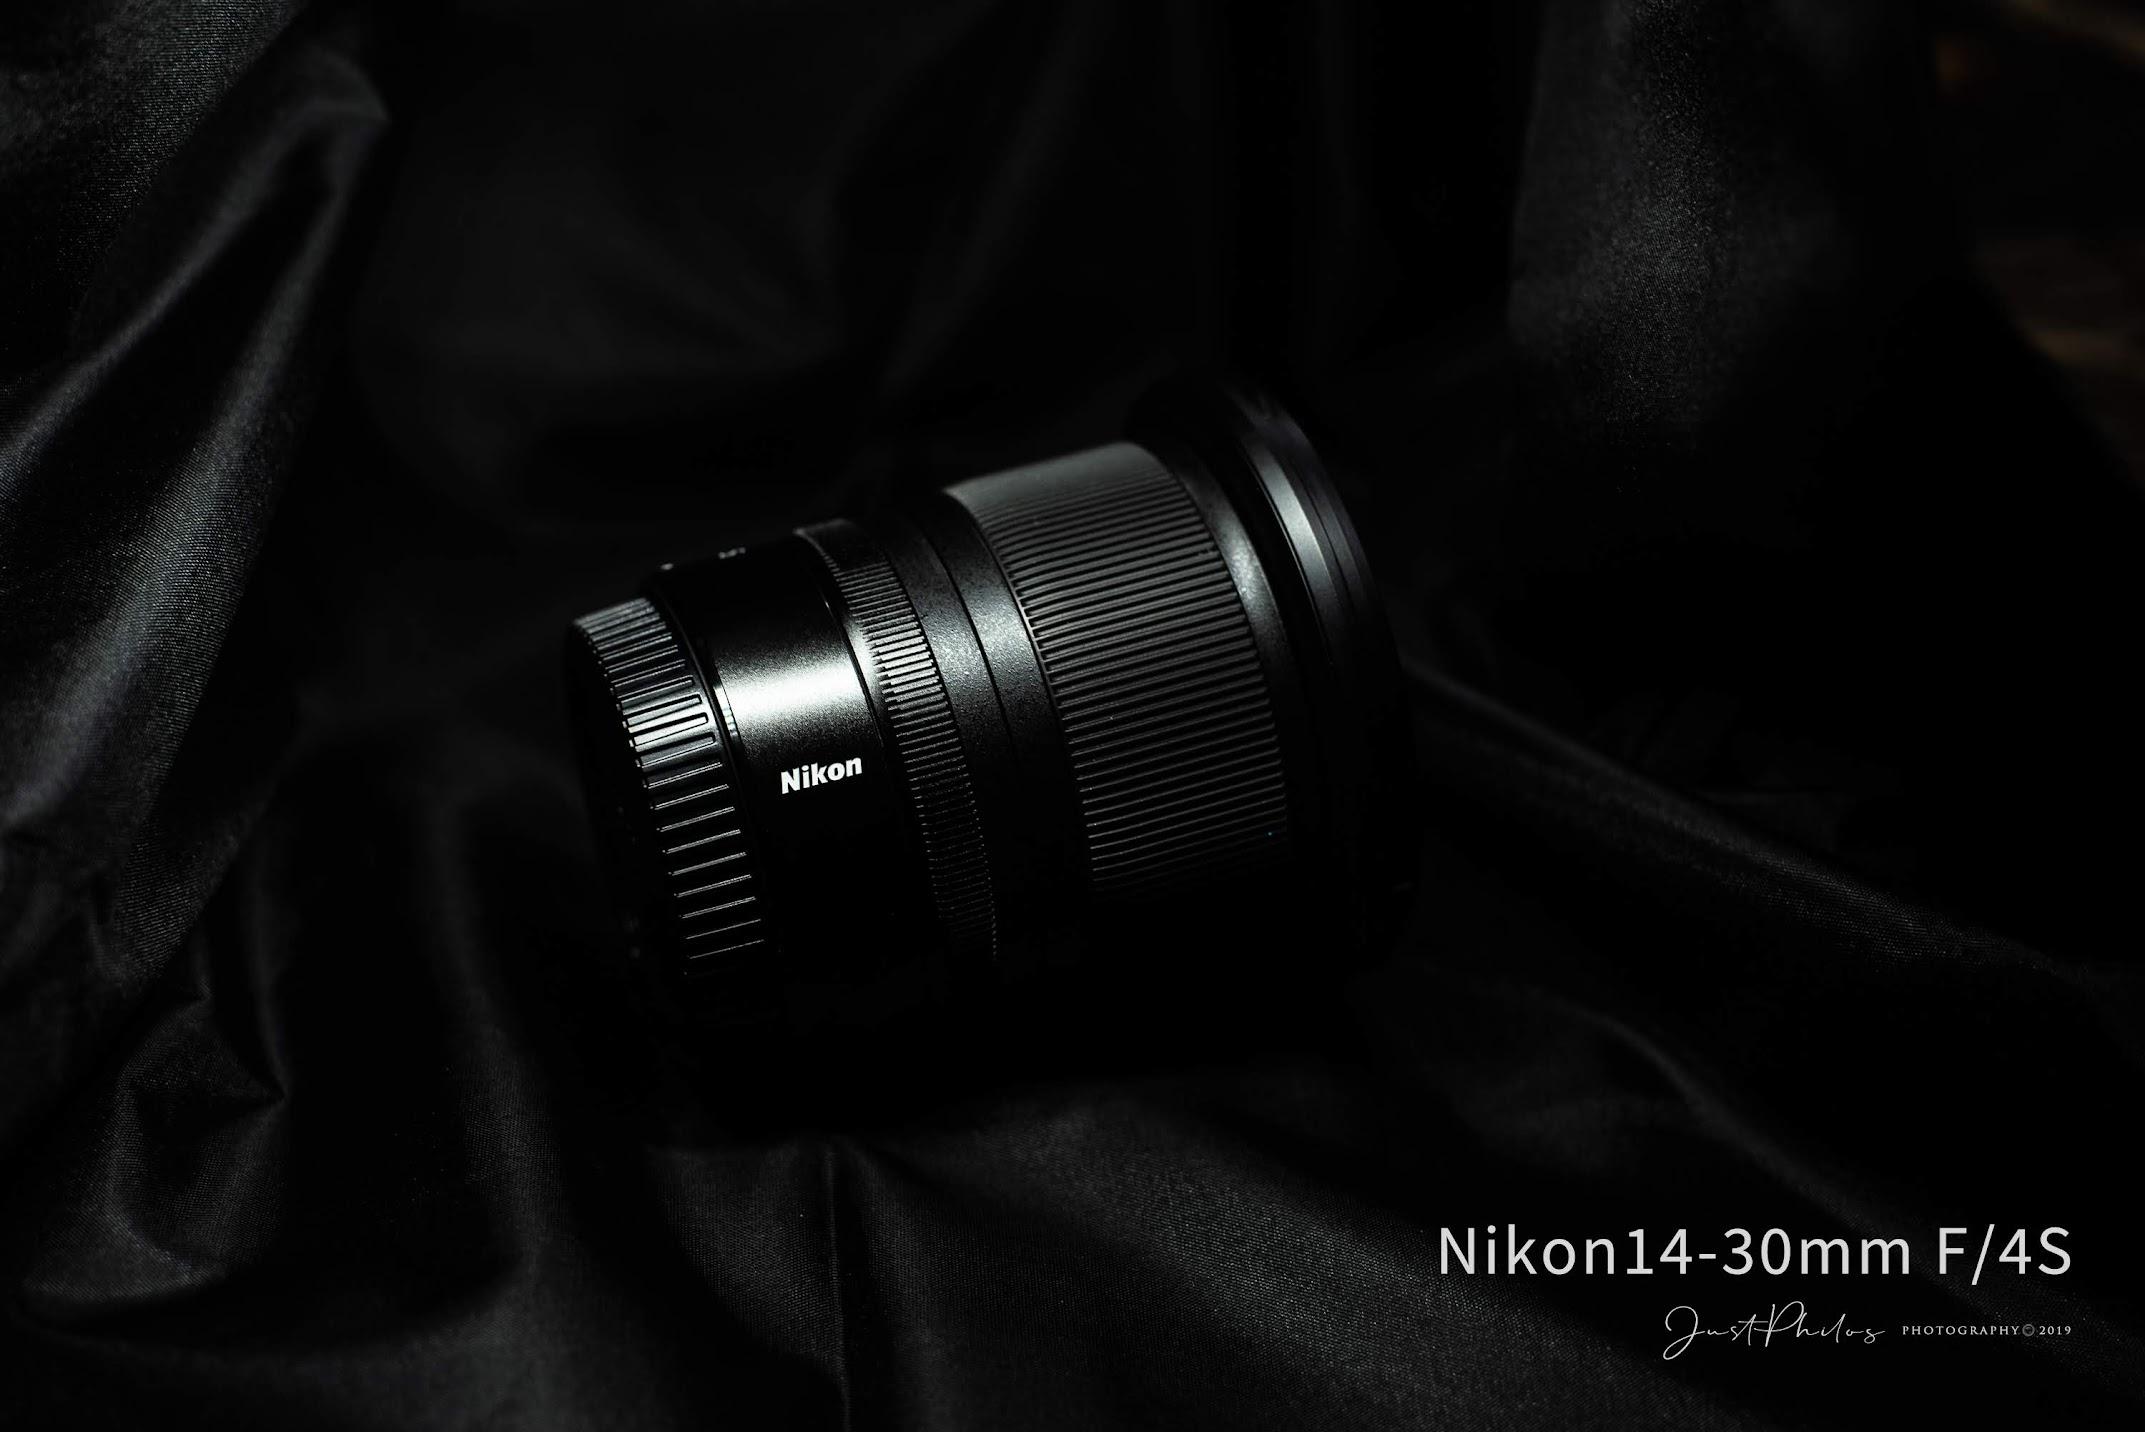 即便外觀做得很輕巧,但定位在小三元等級鏡頭,Nikon Z 14-30mm F/4S的外觀用料也不馬虎。